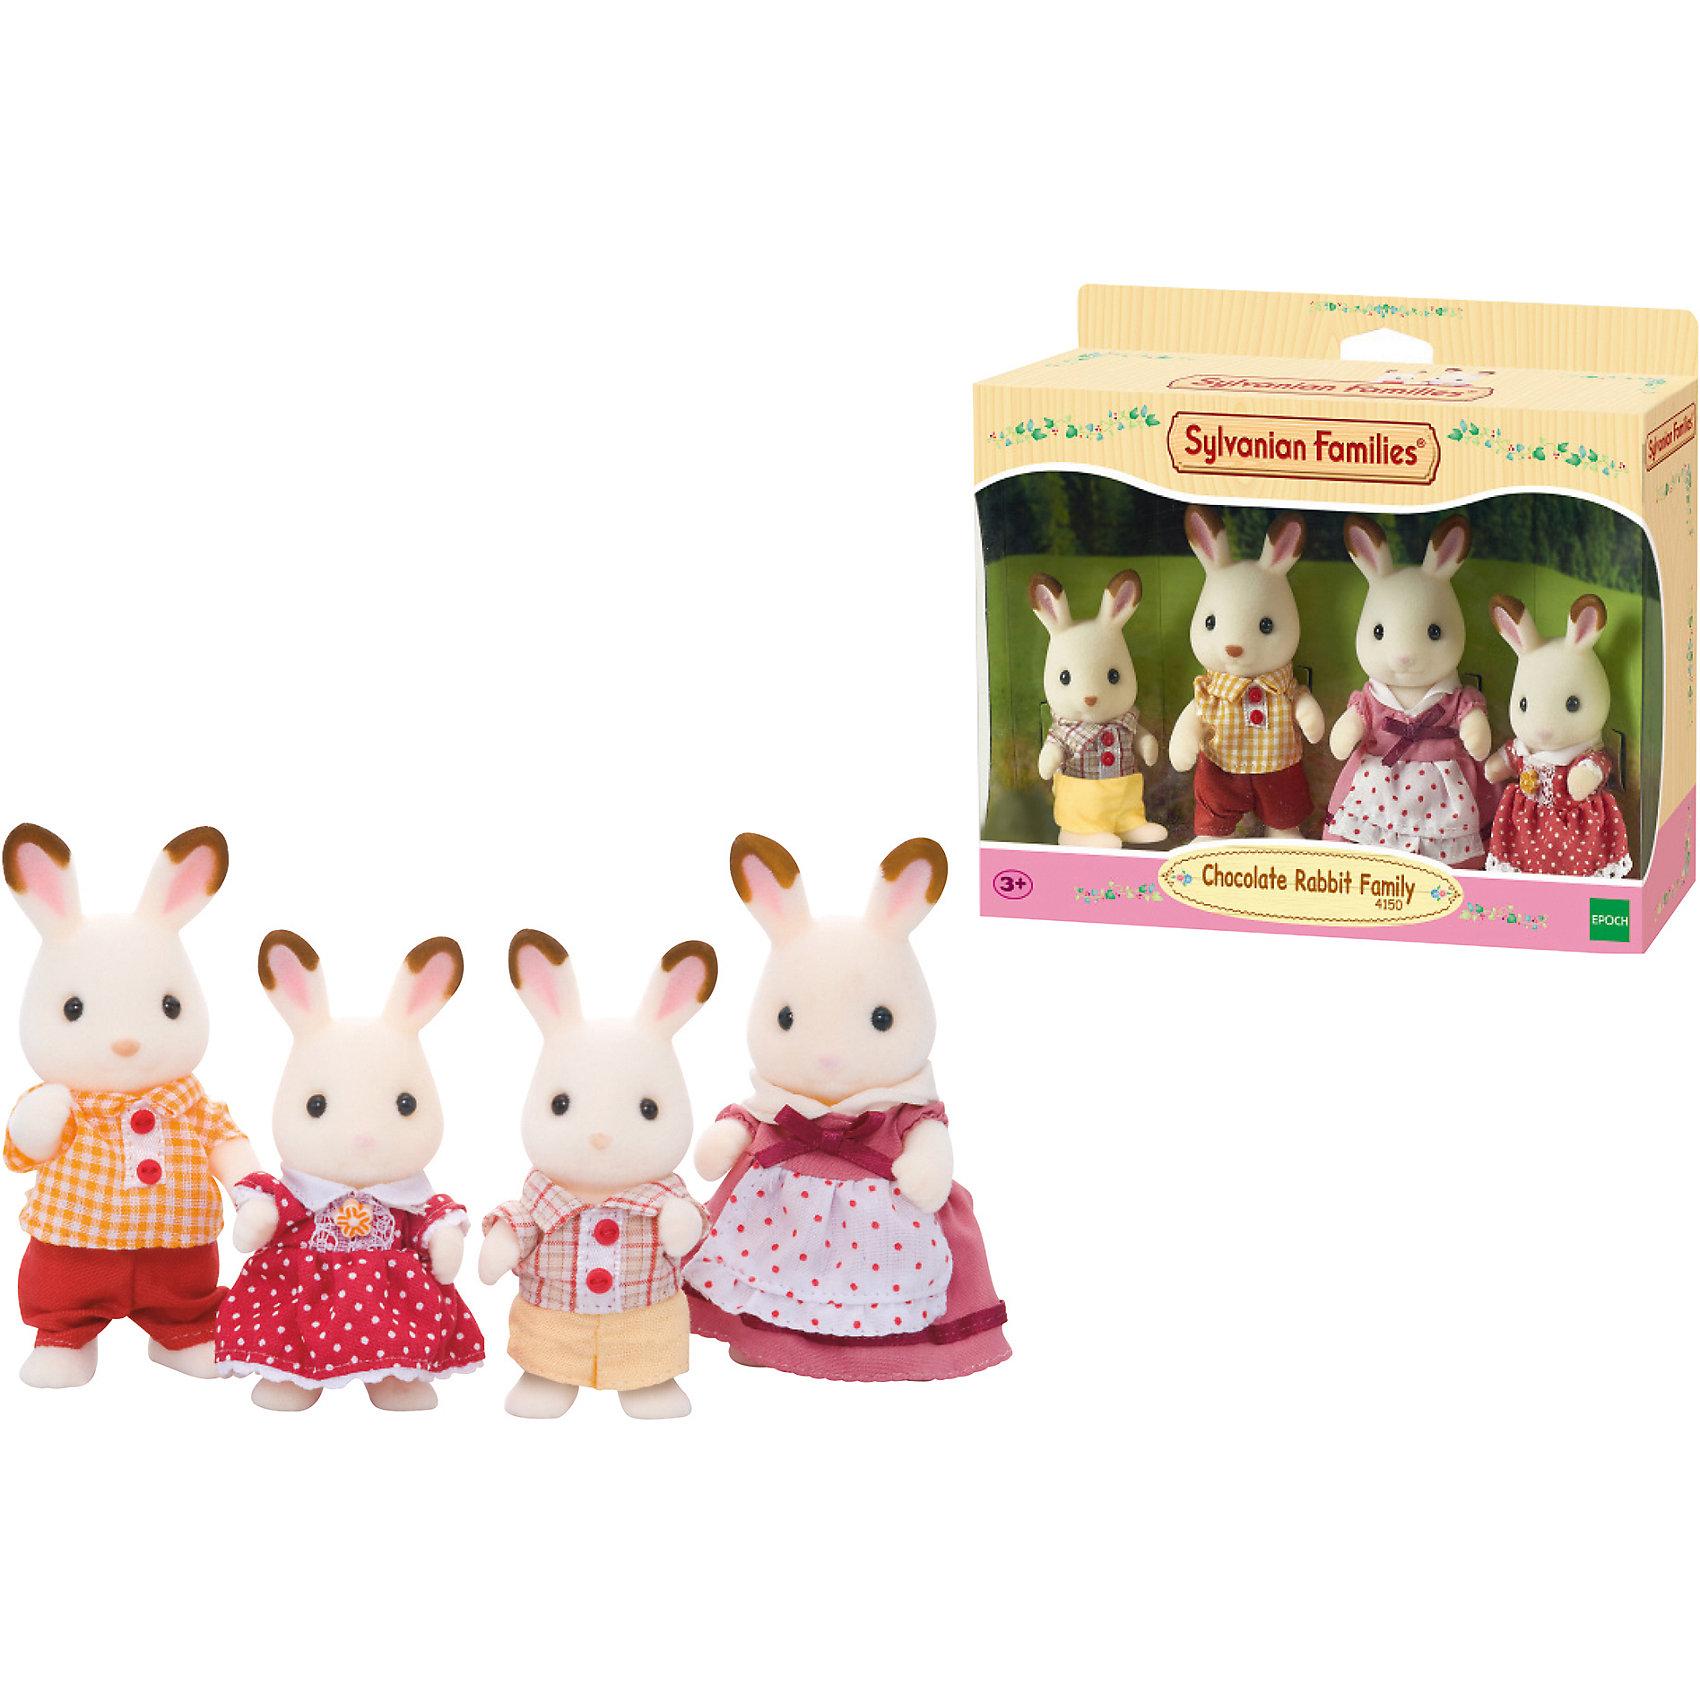 Набор Семья шоколадных кроликов Sylvanian FamiliesSylvanian Families<br>Набор семьи шоколадных кроликов от Sylvanian Families (Сильваниан Фэмилиес) - мама, папа, дочка и сын.     <br><br>Шоколадные кролики - это семья самых настоящих сладкоежек! Вряд ли в Сильвании кто-то потребляет больше шоколада, чем они. Но эта семья также известна своим кондитерским магазином, где продаются самые вкусные конфеты! <br><br>Папа Фрасьер Шоколад - производит конфеты,  он мечтал об этом, когда был маленьким мальчиком. Все началось, когда его мать показала ему, как сделать засахаренные фрукты, а теперь он делает настоящие произведения искусства из шоколада!<br><br>Мама Тери Шоколад - делает все начинки для шоколада, который создает Фрасьер. Самая вкусная начинка - клубничная. На её кухне всегда так сладко пахнет фруктами! <br> <br>Брат Коко Шоколад - не допускается к приготовлению шоколадных изделей, потому что он ест больше, чем он делает! <br>   <br>Сестра Фрея Шоколад - в отличие от брата, не ест сладости и шоколад, так что она помогает матери готовить начинки. Зато она очень любит фрукты!<br><br>Фигурки одеты в нарядные костюмчики, которые легко снять и одеть обратно.<br><br>У фигурок подвижные лапки, голова вертится. <br><br>Дополнительная информация:<br><br>Материал: пластмасса, текстиль. <br>Размер мамы и папы: 9,5 см.<br>Размер дочки и сына: 8 см.<br>Размер упаковки (д/ш/в): 20 х 6 х 15 см.<br><br>Этот набор обязательно порадует Вашего ребёнка, ведь теперь он сможет разыгрывать сценки из собственной жизни! Набор также способствует развитию фантазии и навыков общения.<br><br>Ширина мм: 209<br>Глубина мм: 175<br>Высота мм: 63<br>Вес г: 155<br>Возраст от месяцев: 36<br>Возраст до месяцев: 72<br>Пол: Женский<br>Возраст: Детский<br>SKU: 2148617